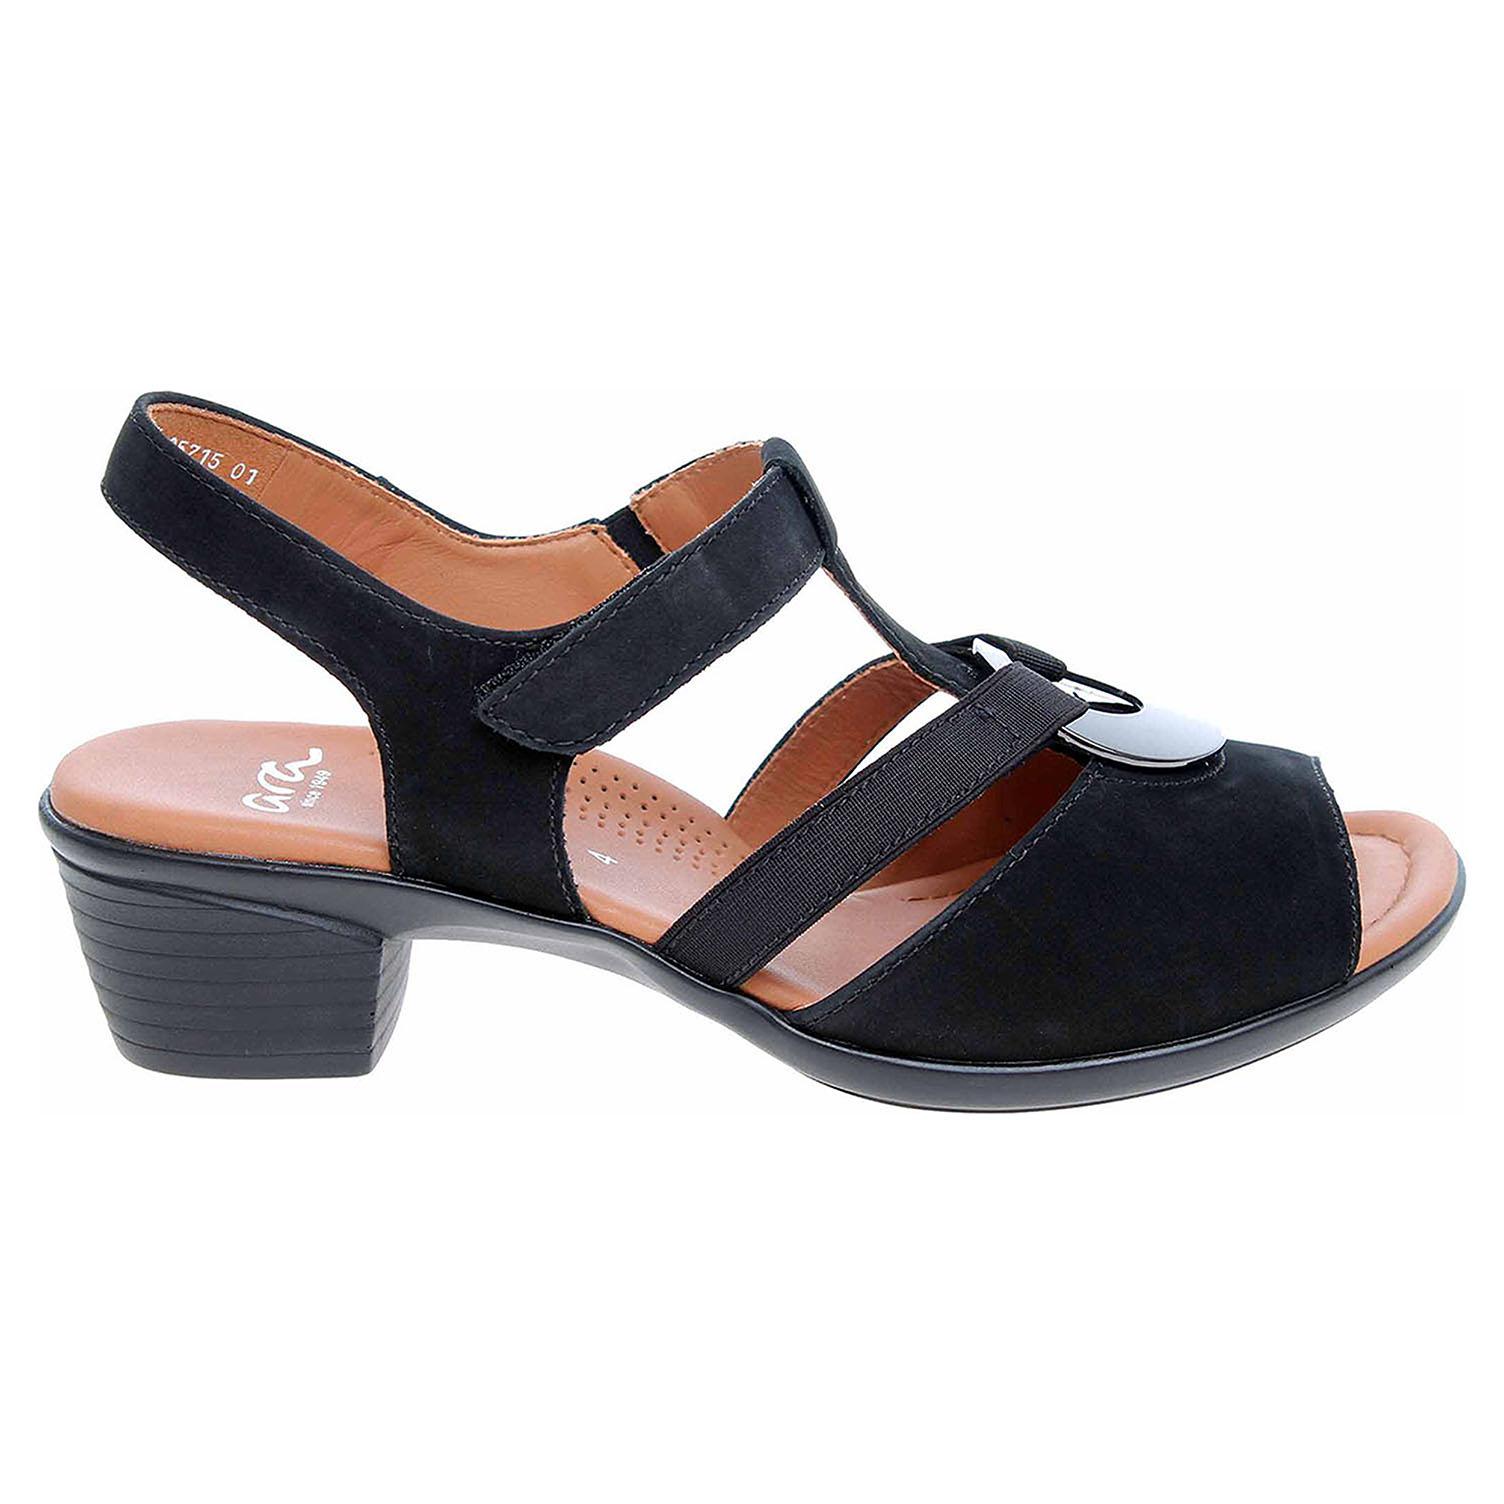 Ecco Ara dámské sandály 12-35715-01 schwarz 23801278